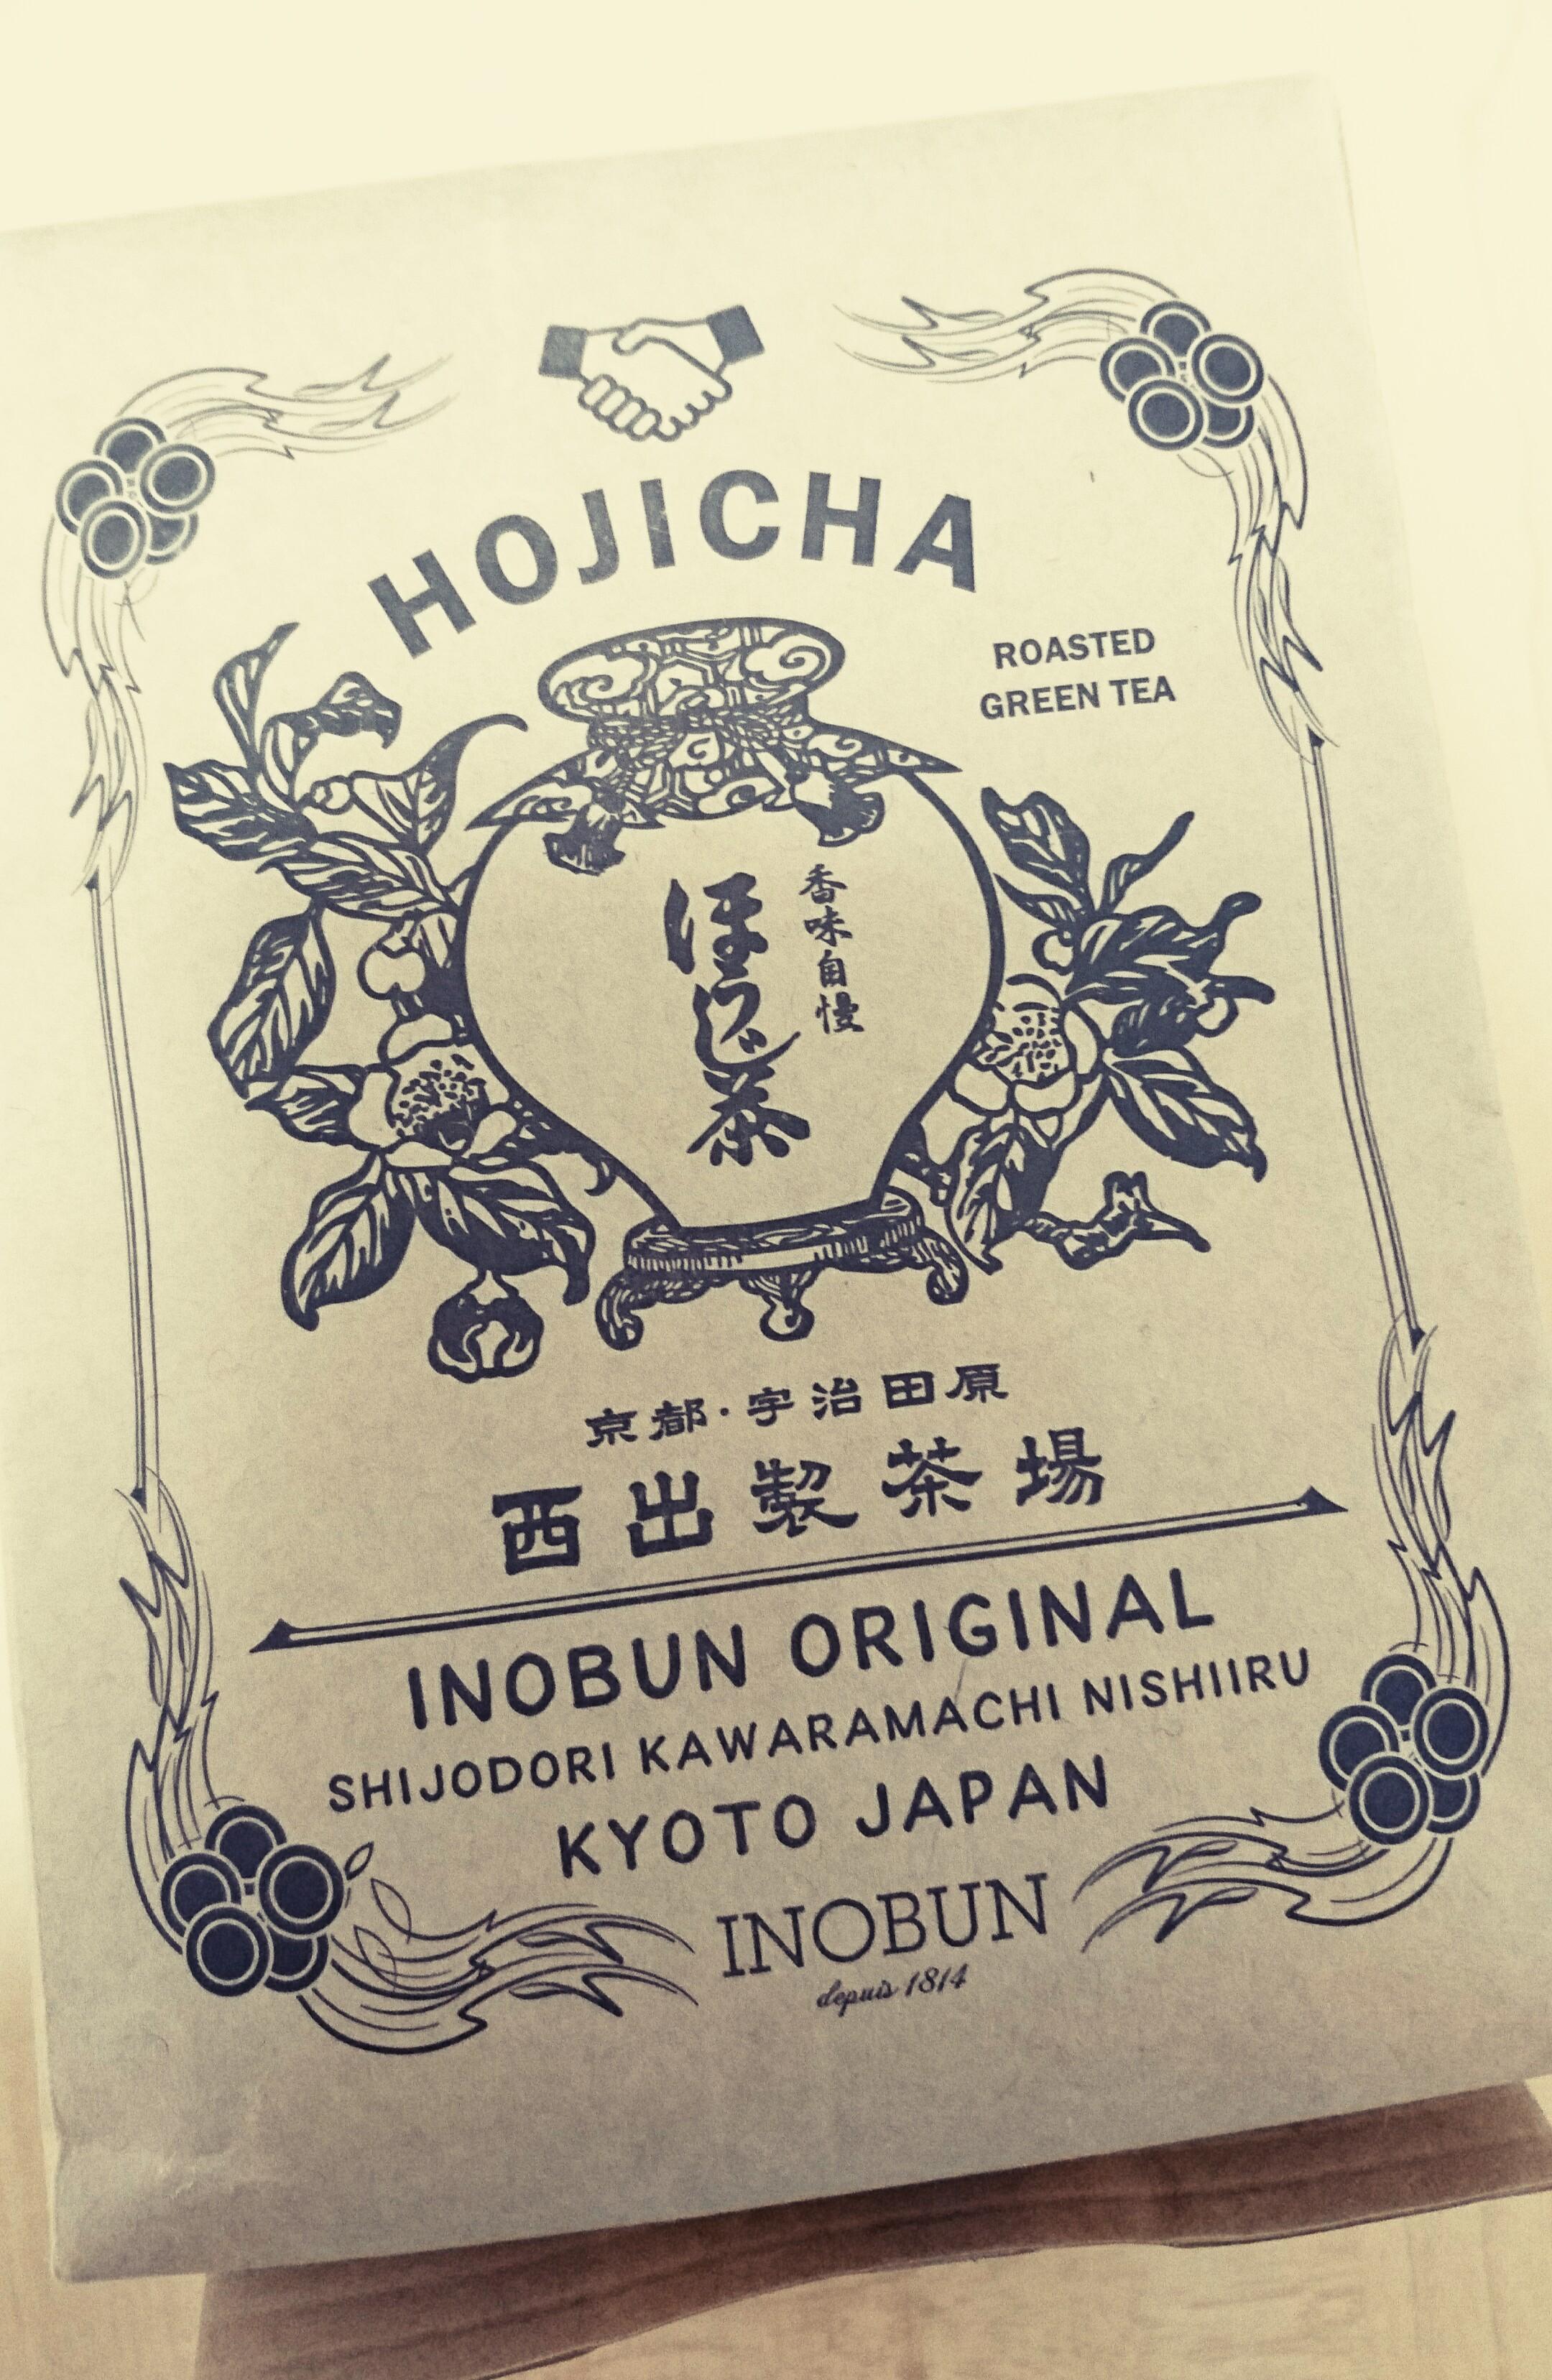 【INOBUNオリジナルのほうじ茶】が素敵!_1